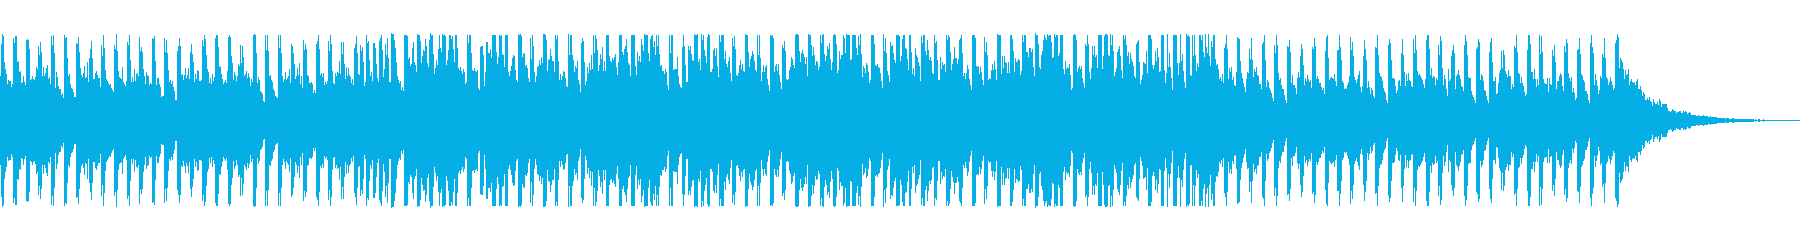 さわやかでノリのいい曲の再生済みの波形